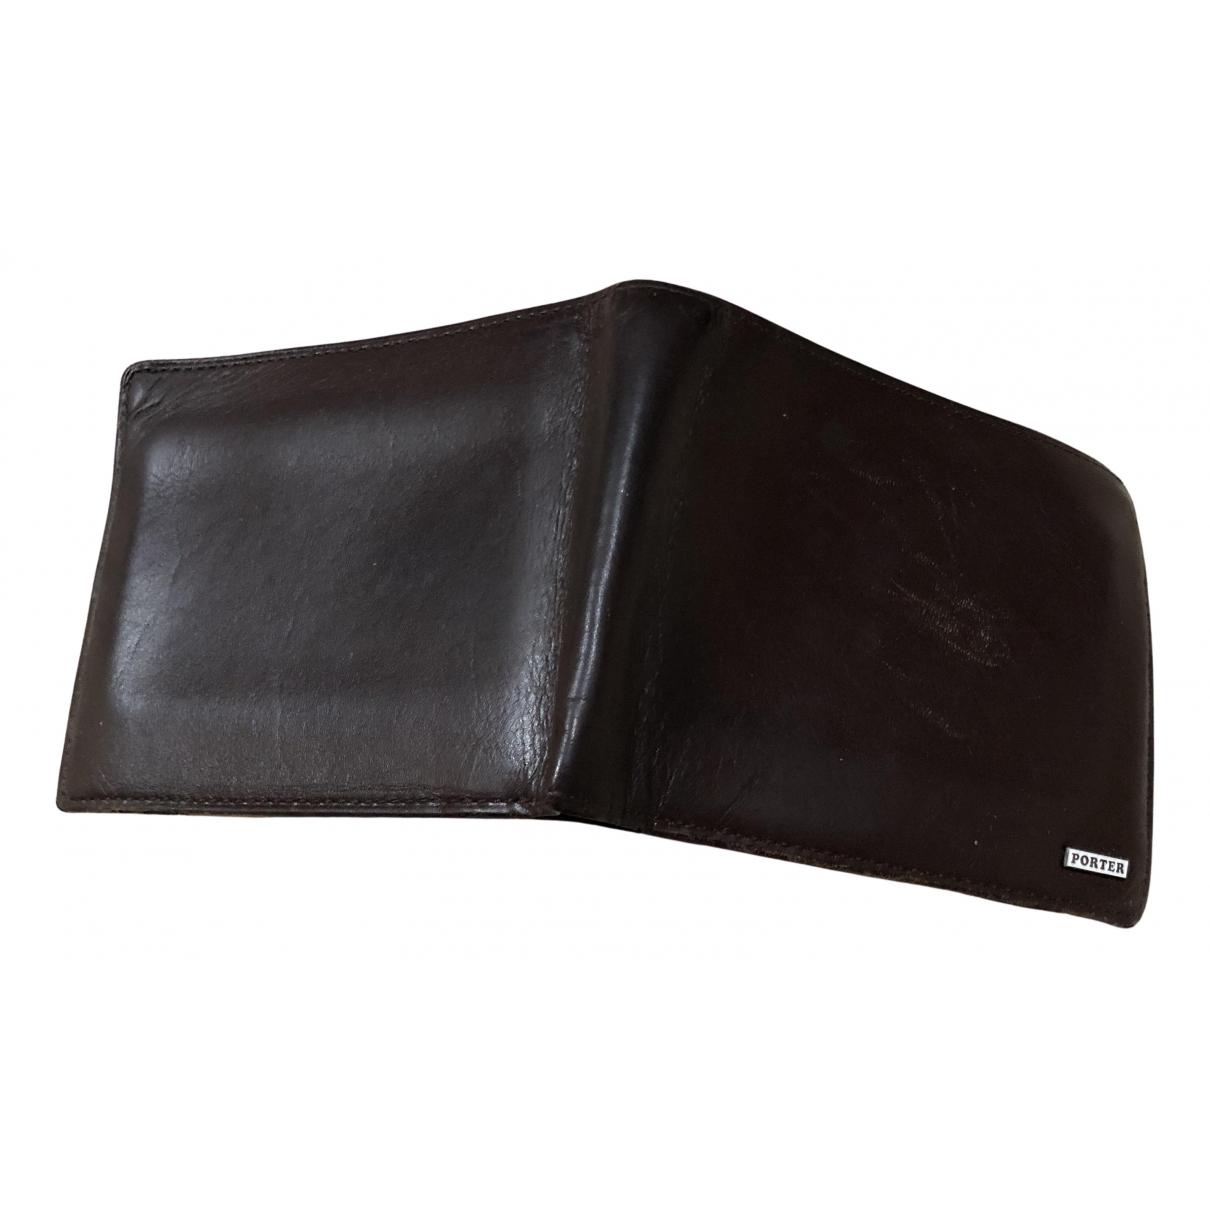 Porter By Yoshida Kaban - Petite maroquinerie   pour homme en cuir - marron